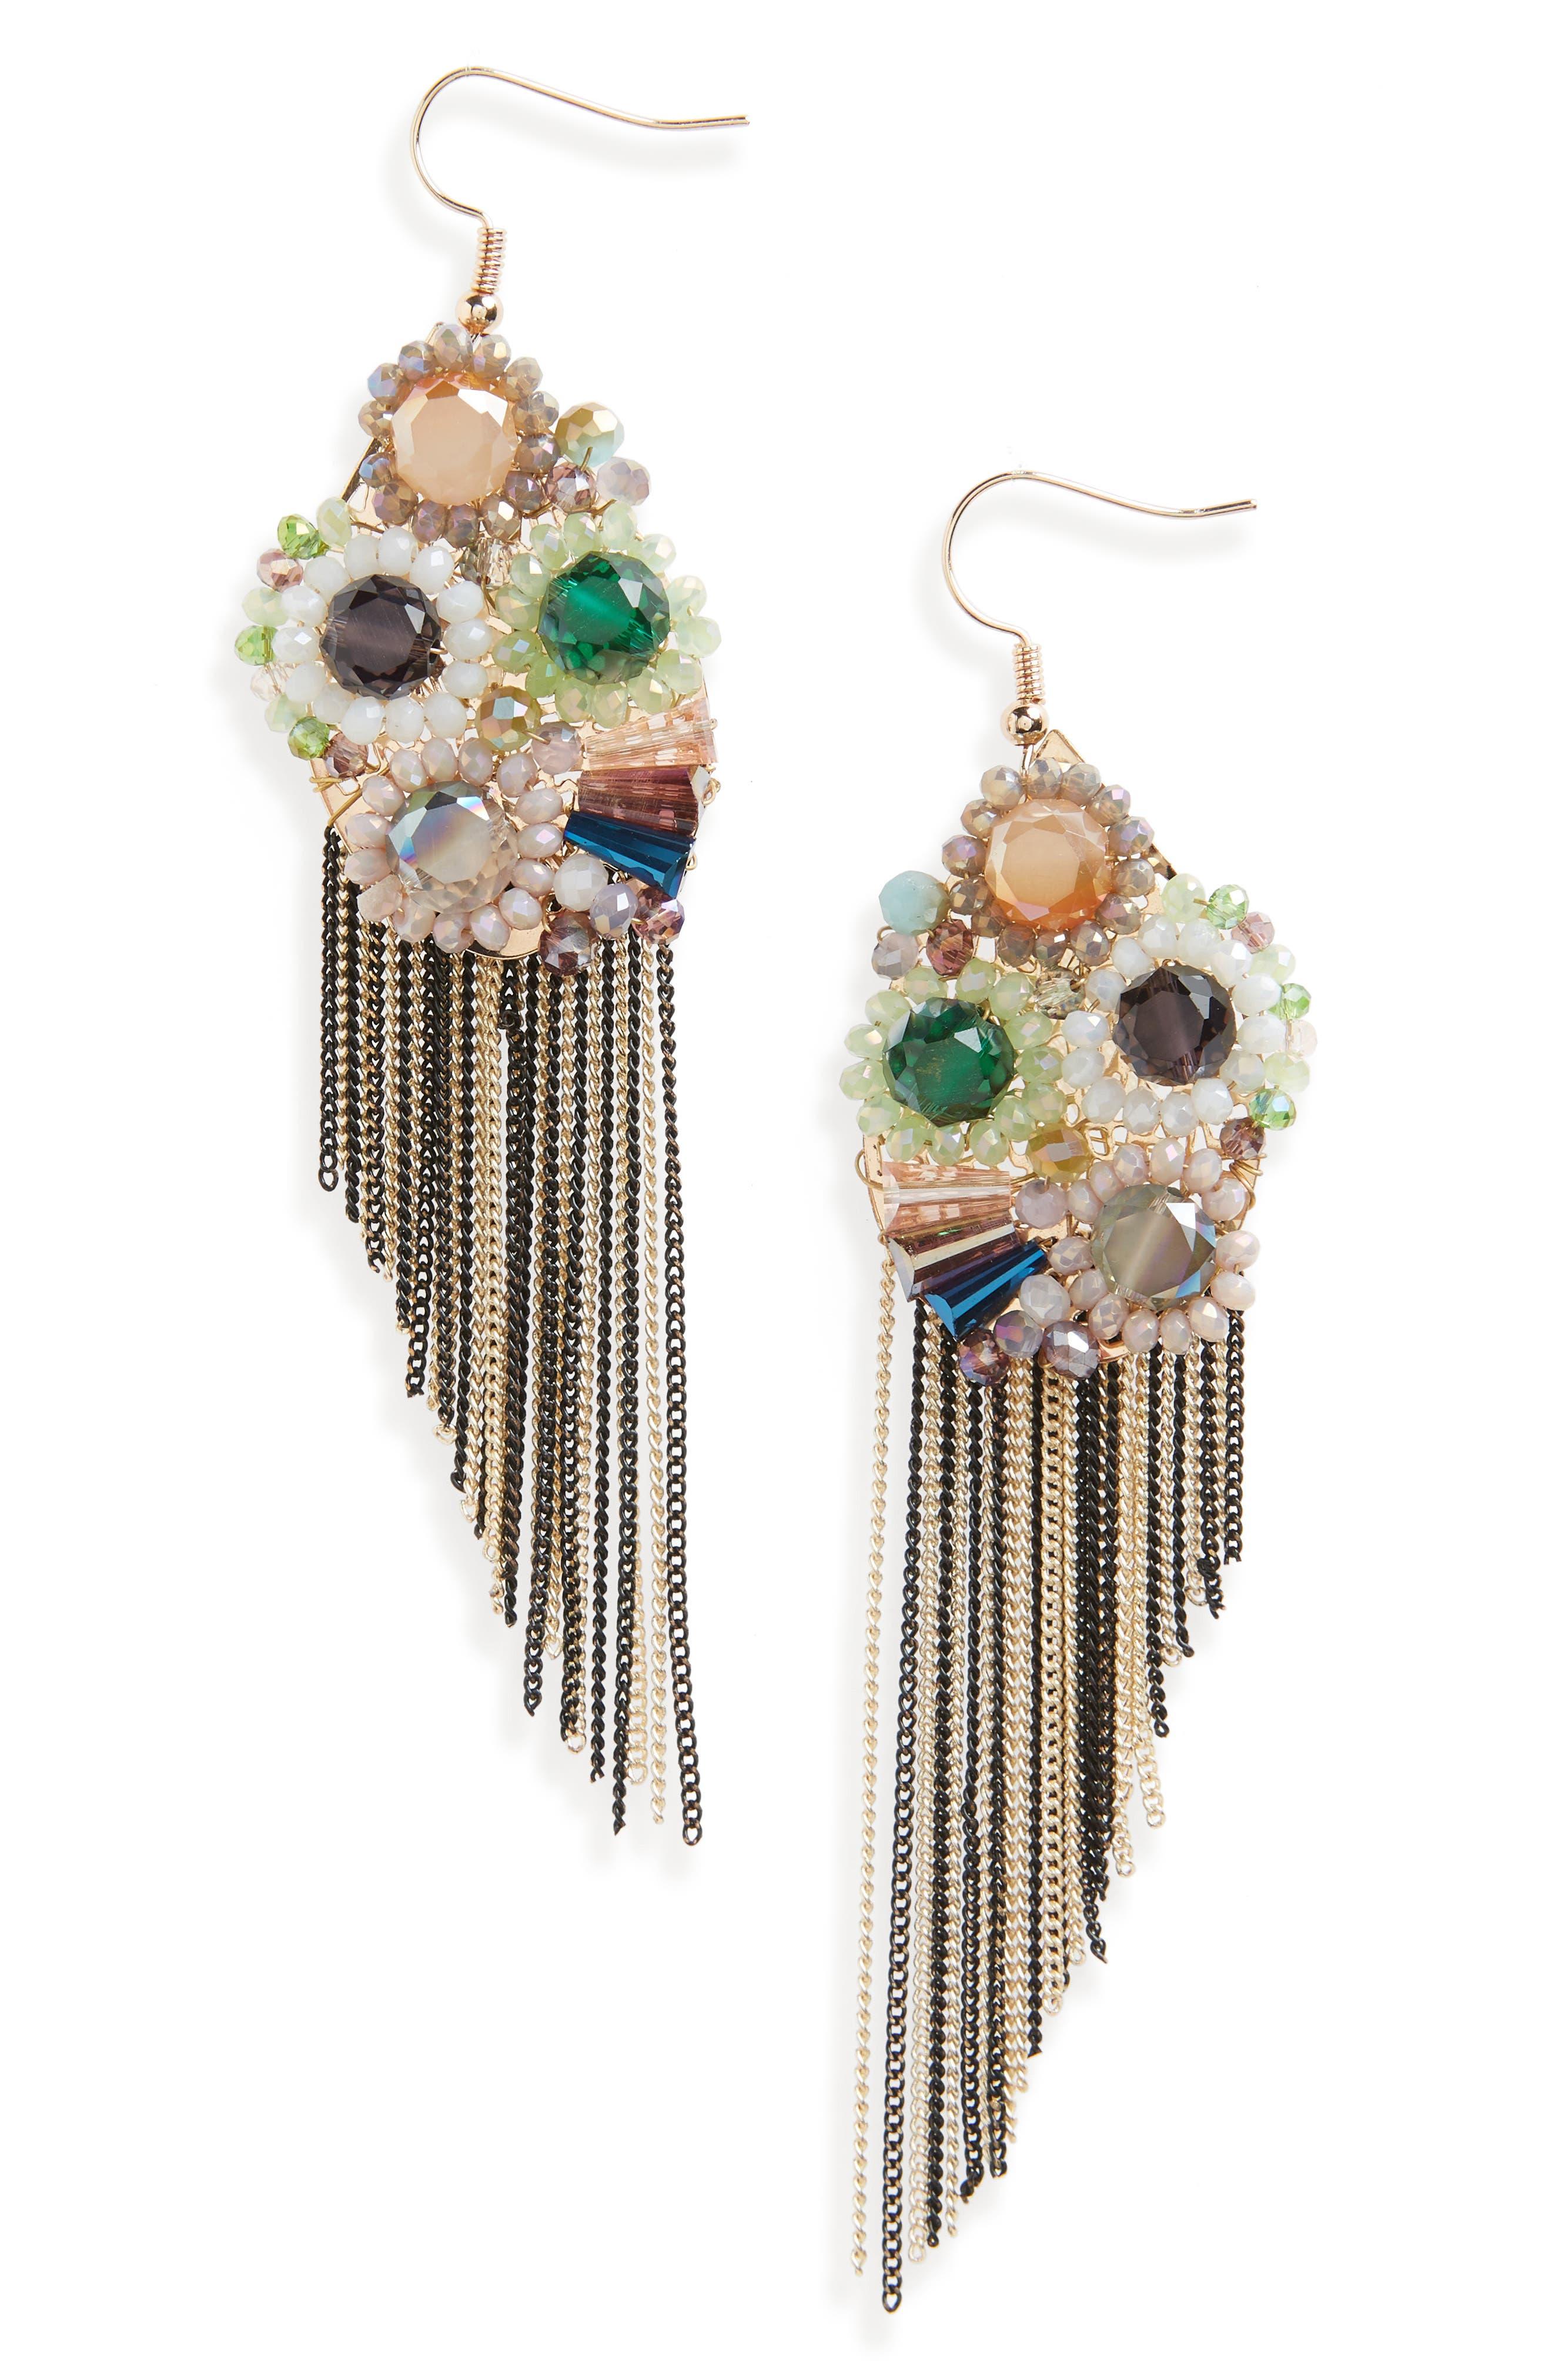 Goddess Fringe Earrings,                             Main thumbnail 1, color,                             MULTI